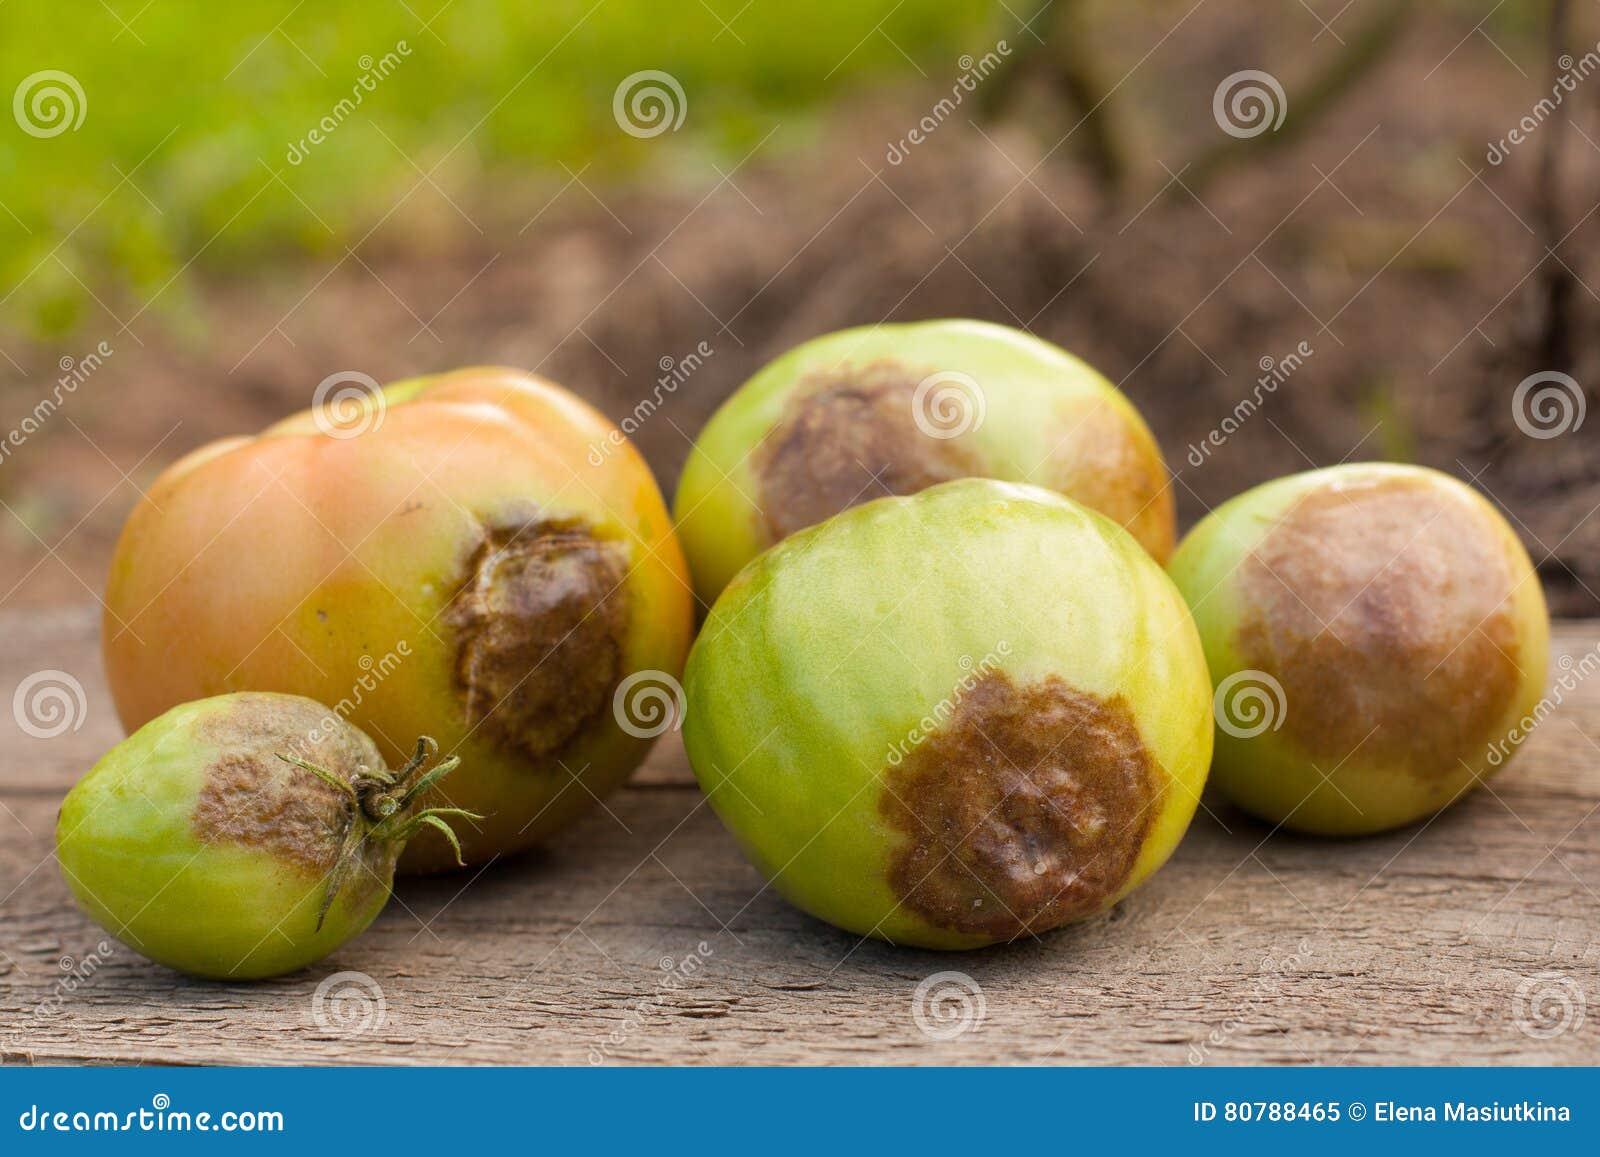 Malattie del pomodoro immagine stock immagine di frutta for Malattie pomodoro